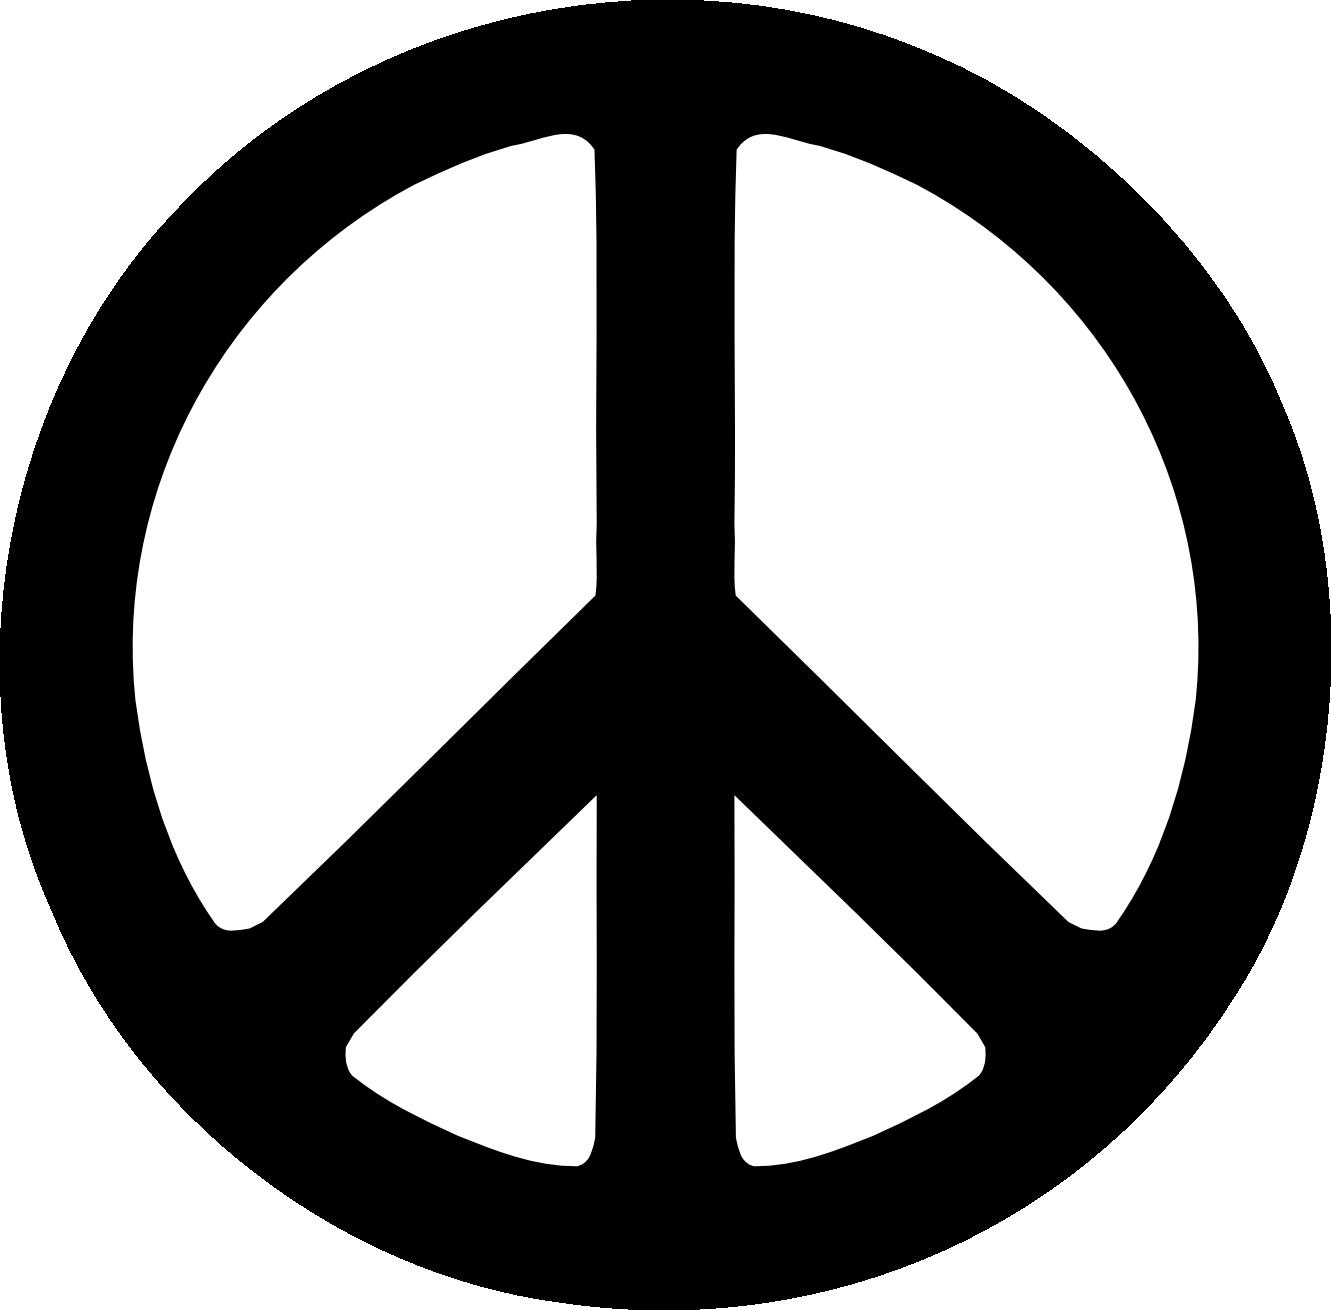 Peace clipart symbolism. Clipartist net clip art